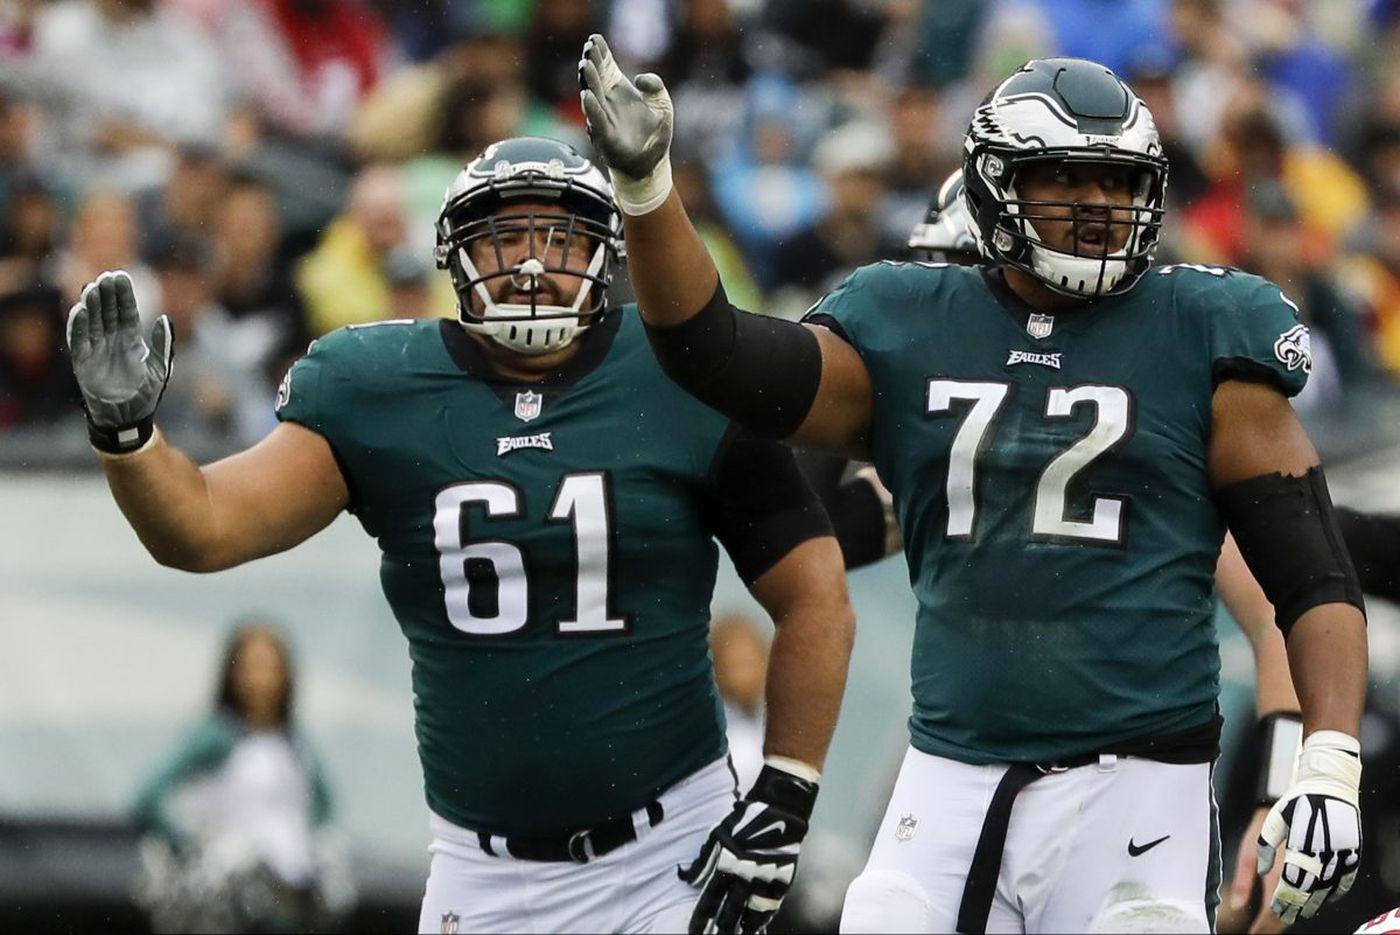 Eagles road to Super Bowl 2018: A team effort